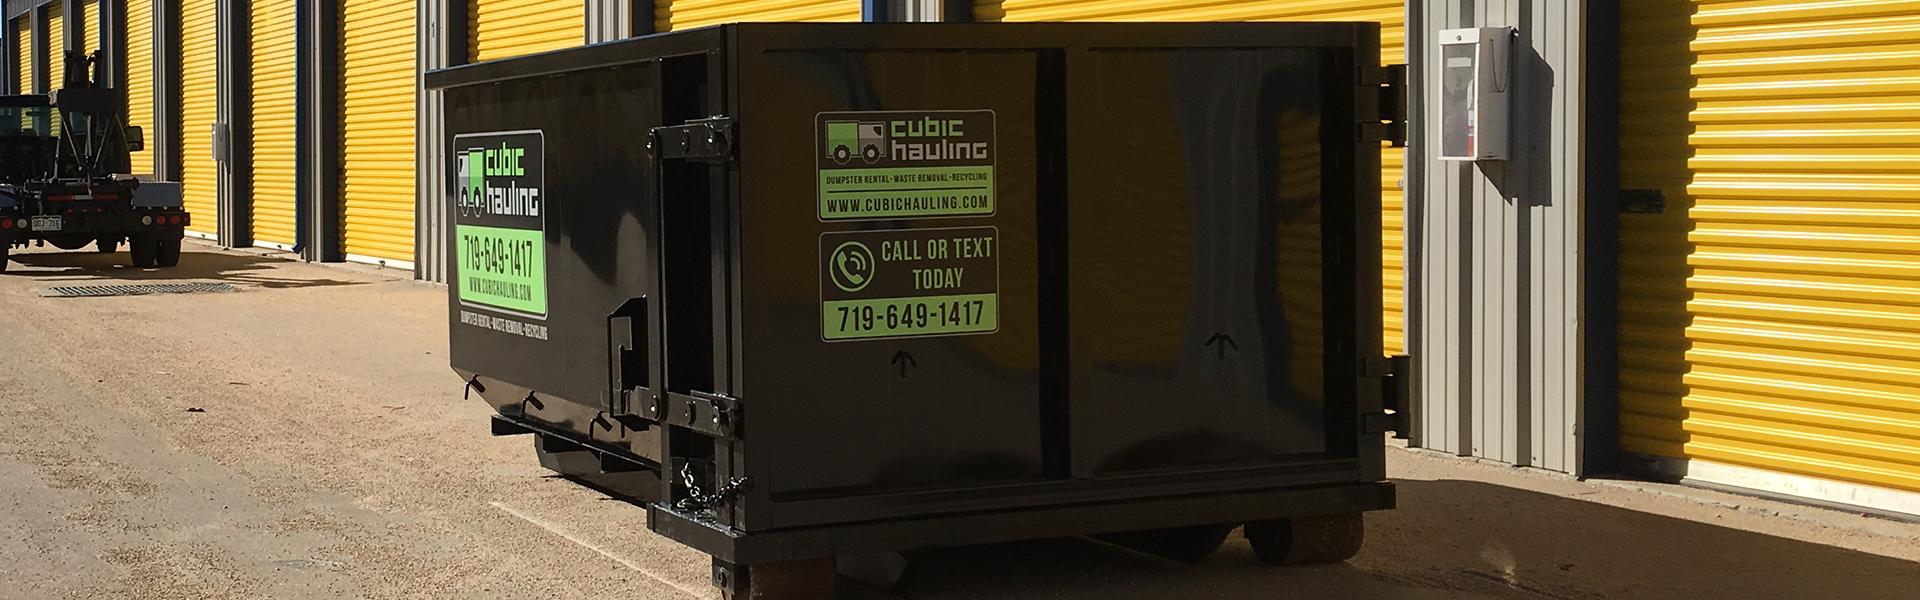 dumpster rental colorado springs